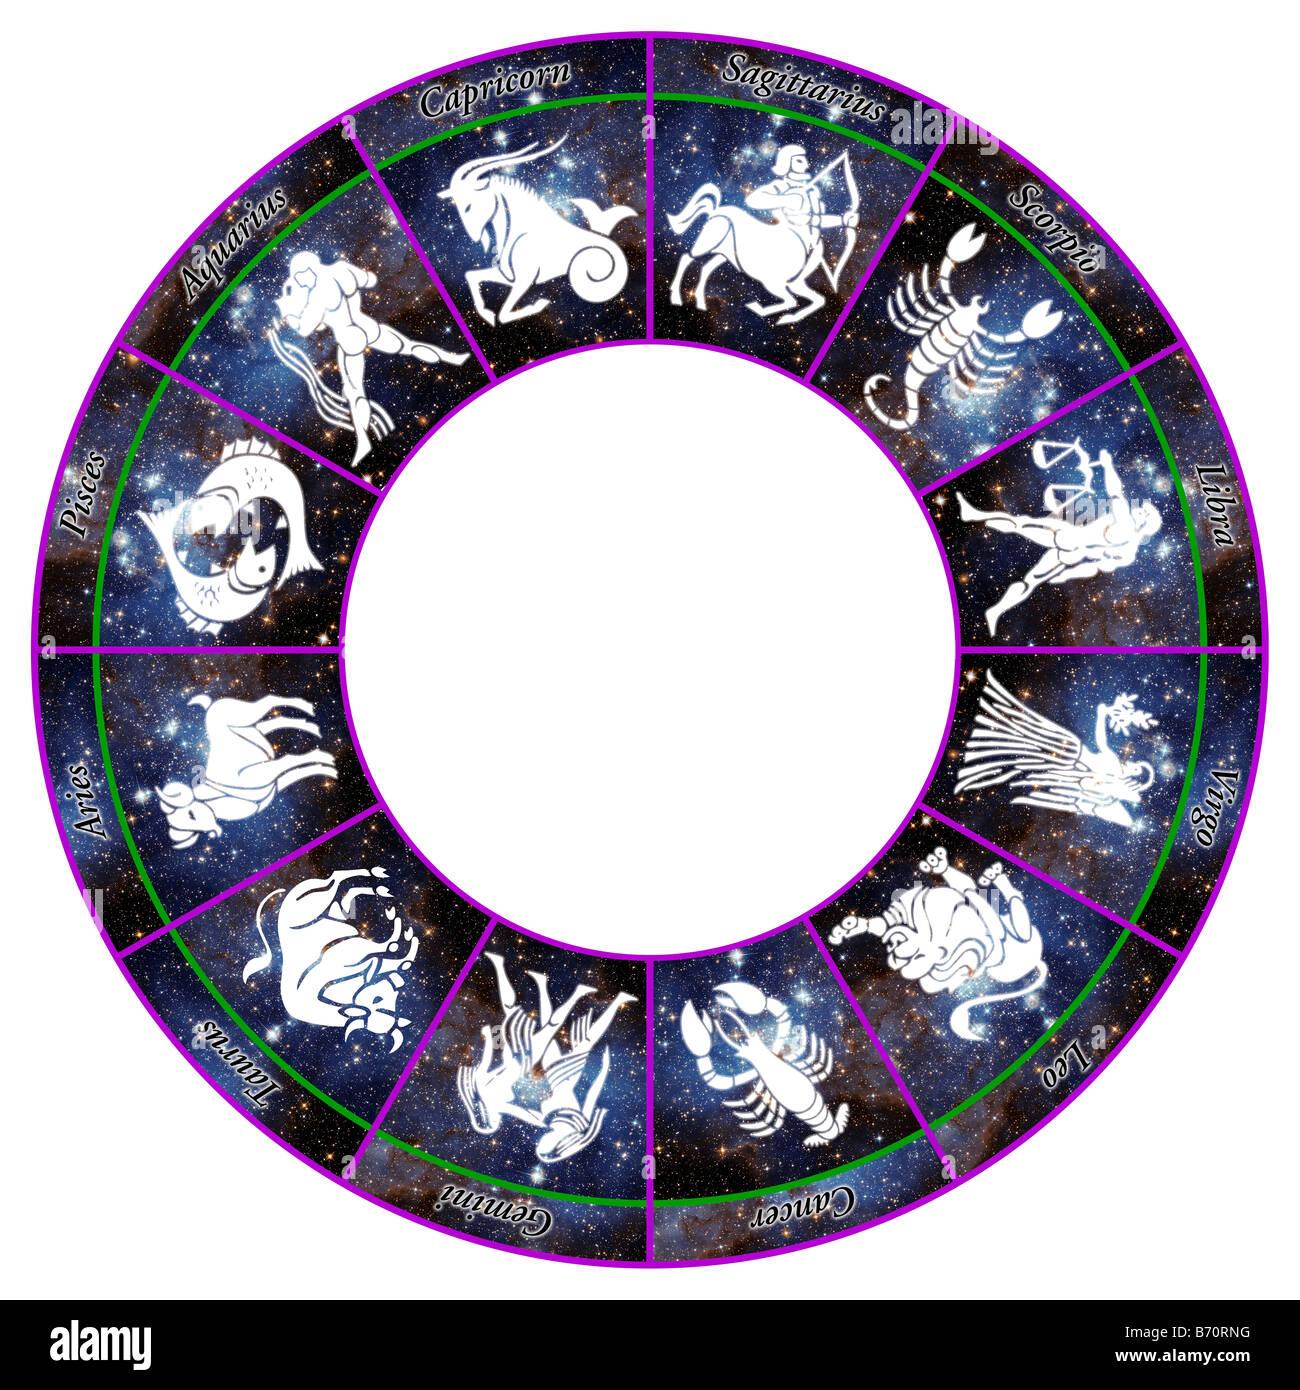 Horoscope Stock Photos & Horoscope Stock Images - Alamy